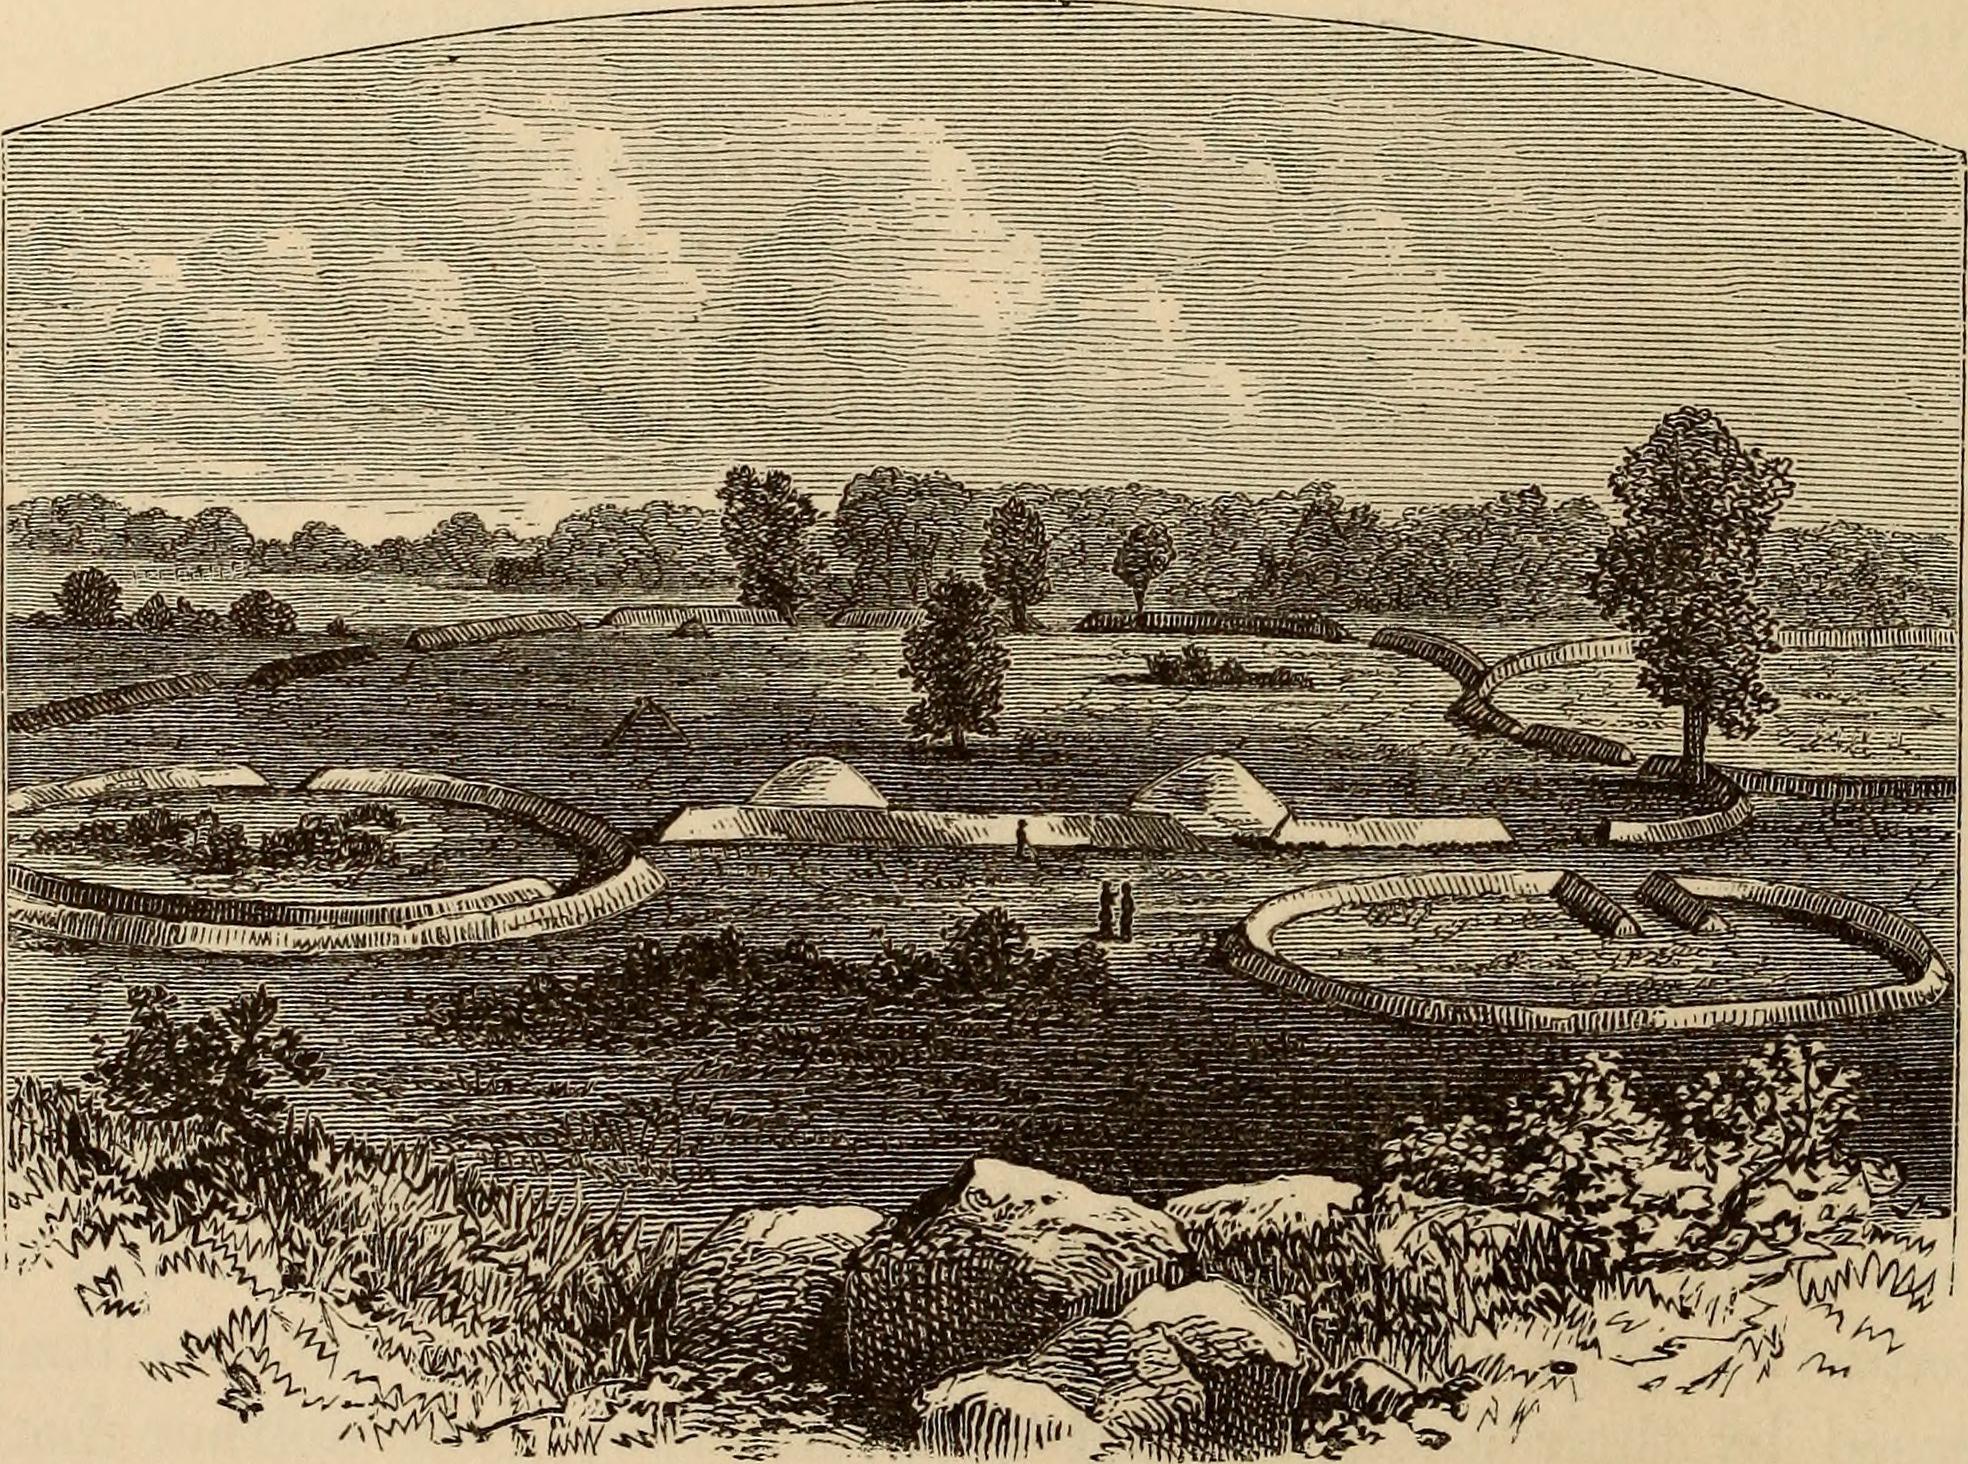 OHIO 1819 OH MAP SHELBY HARDIN WYANDOT DELAWARE COUNTY HISTORY very large